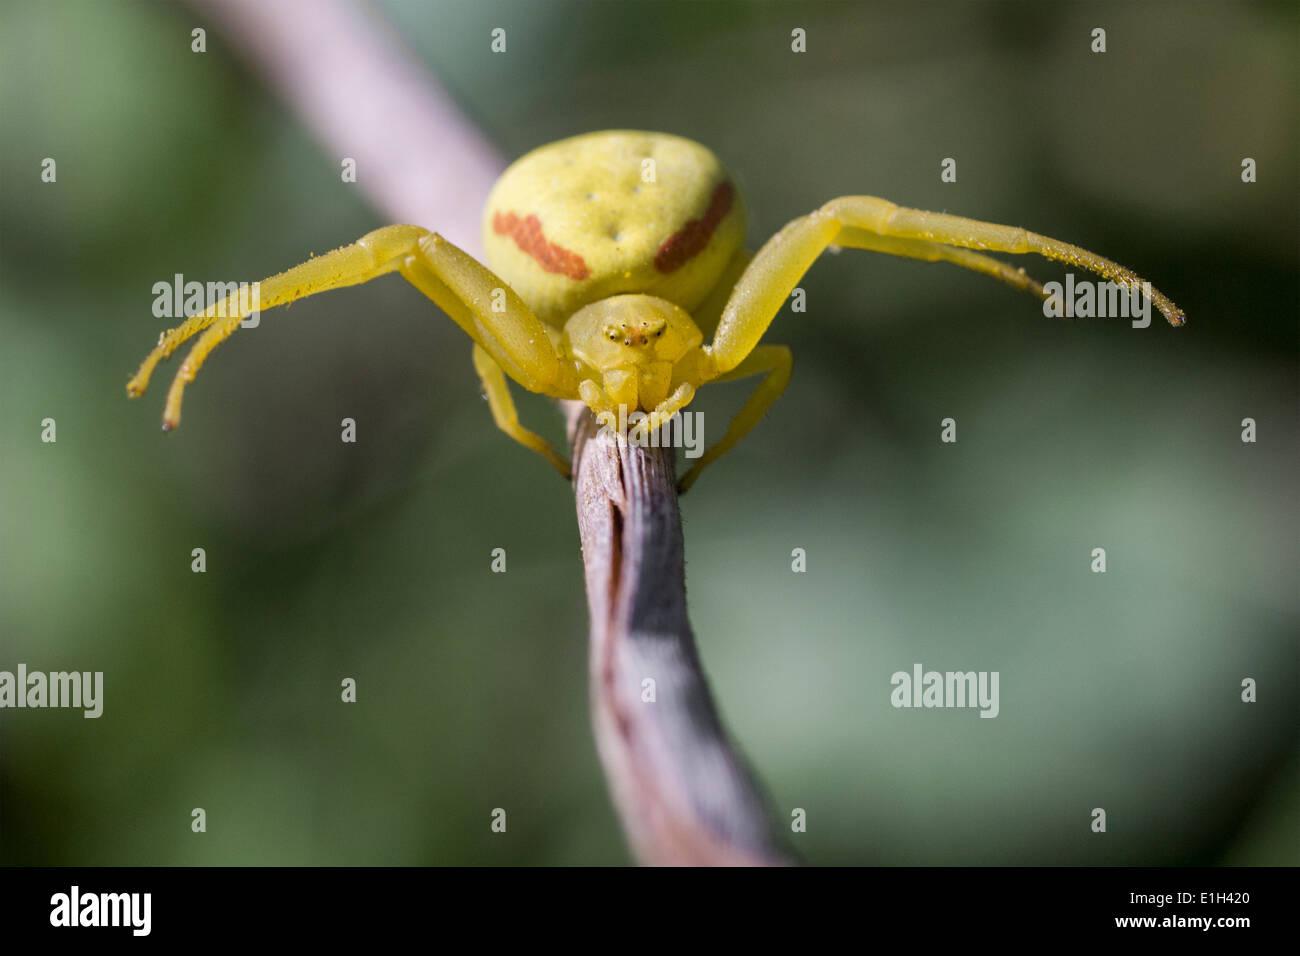 Houghton, Misumena vatia ARAIGNÉE CRABE, comté de Marin, en Californie, USA Photo Stock